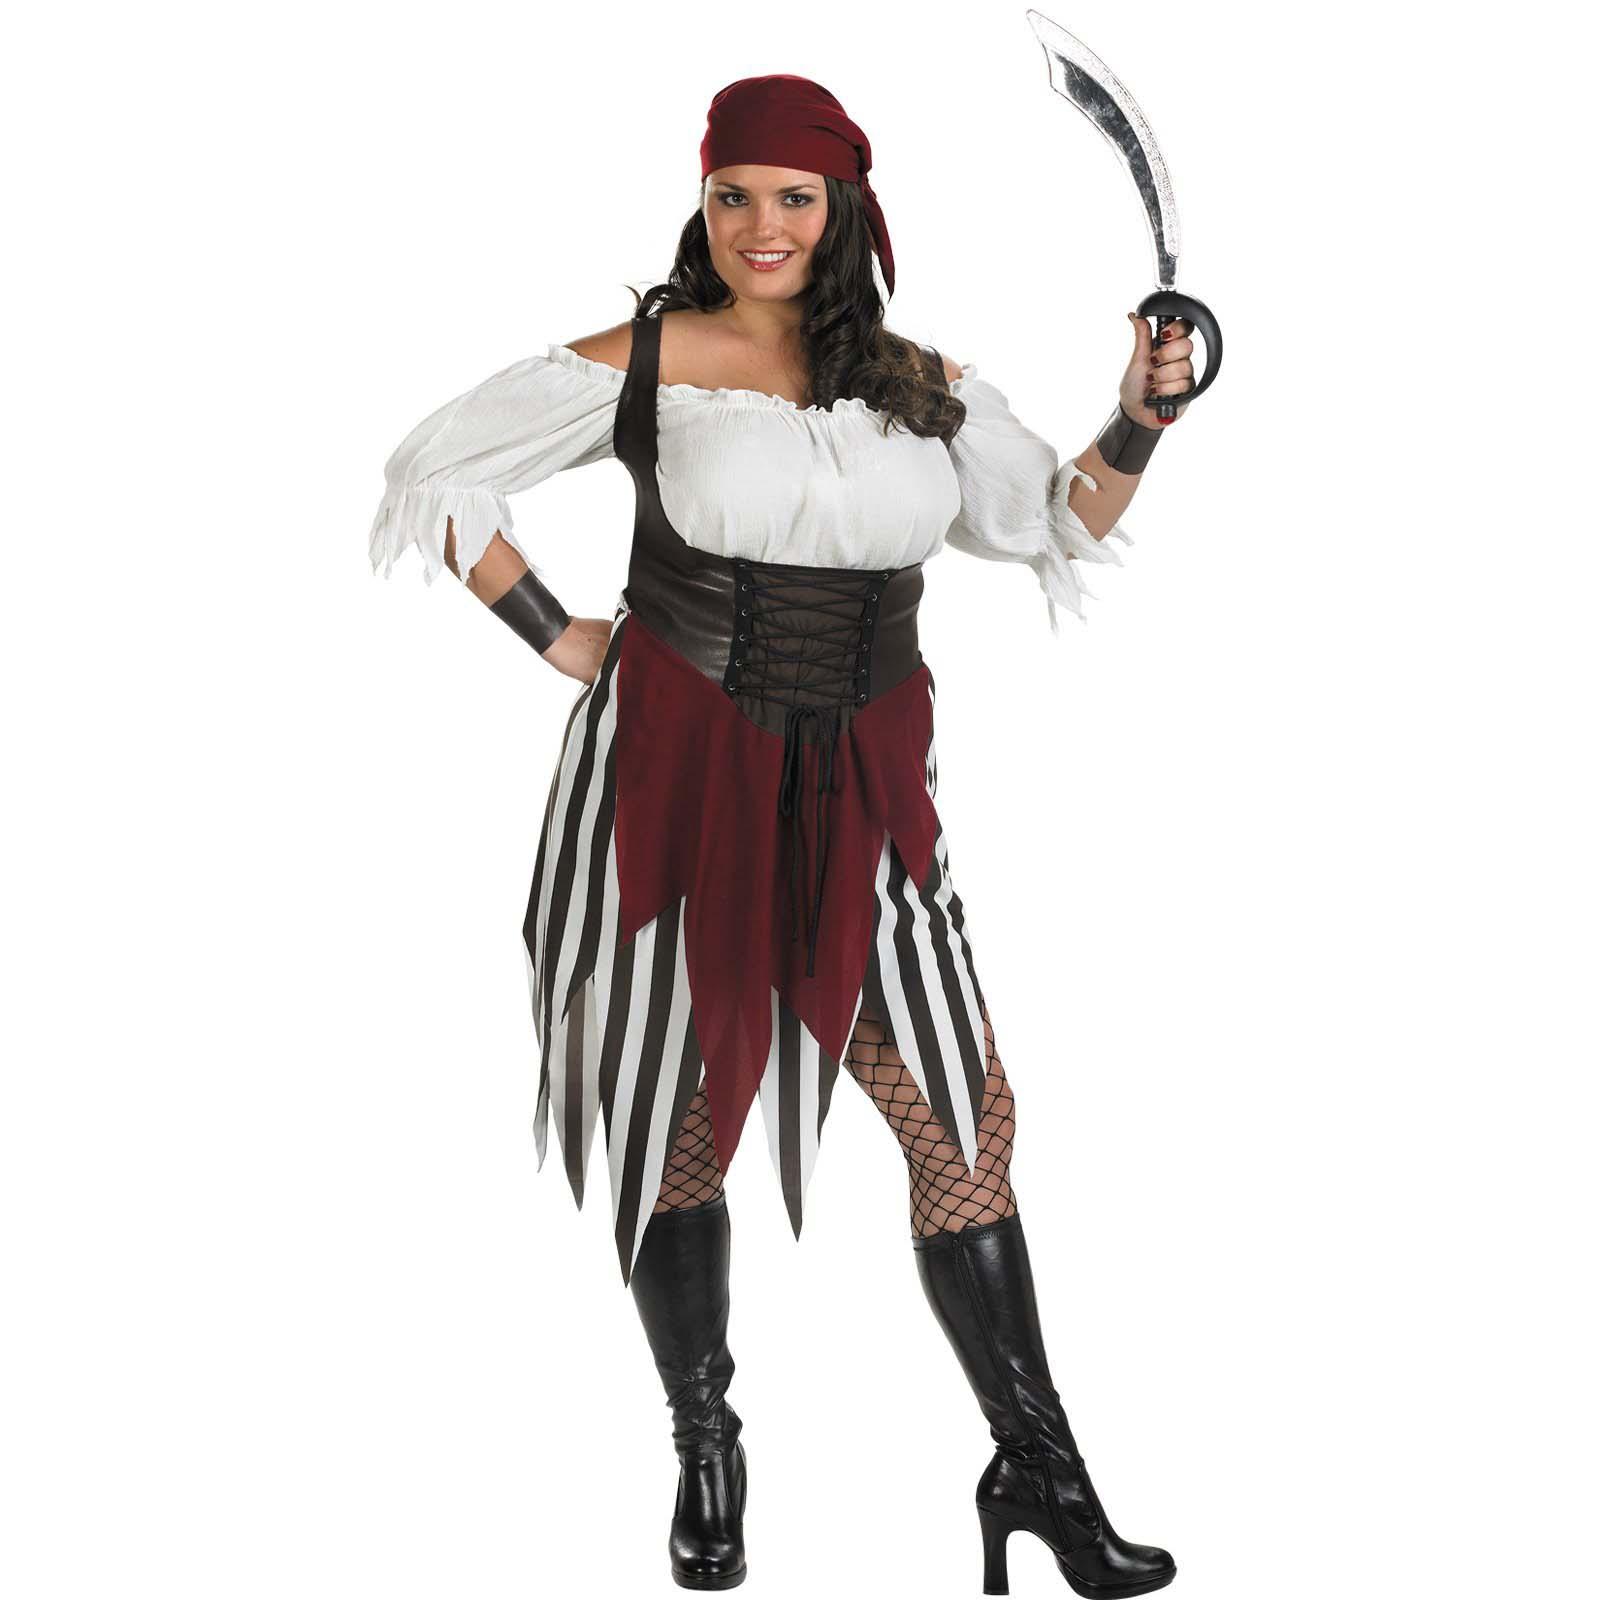 Костюм пирата для девочки из подручных материалов своими руками 36